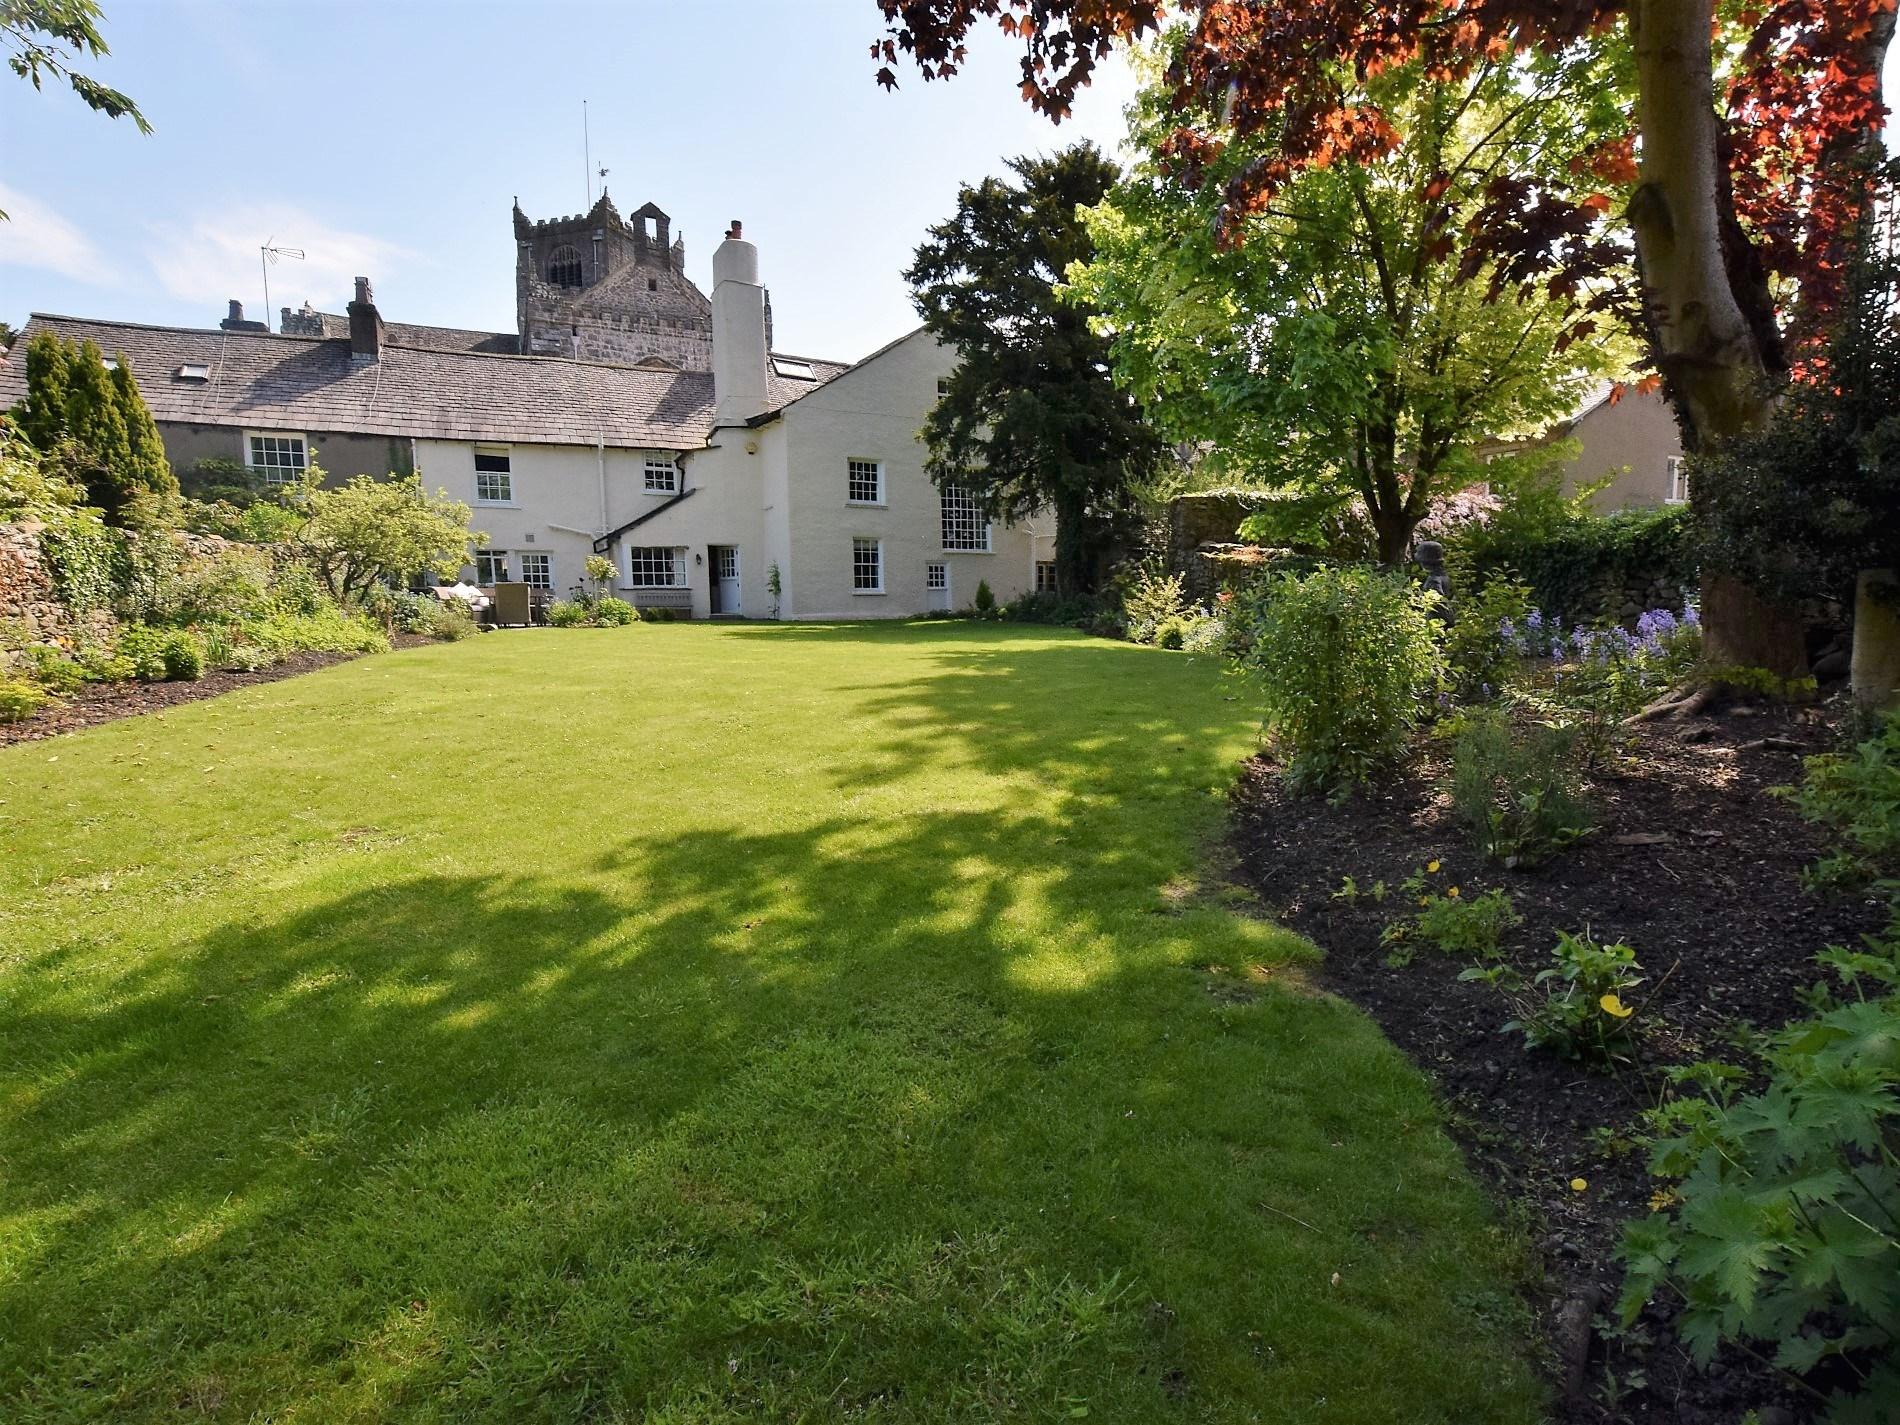 5 Bedroom House in Cumbria, Scottish Borders